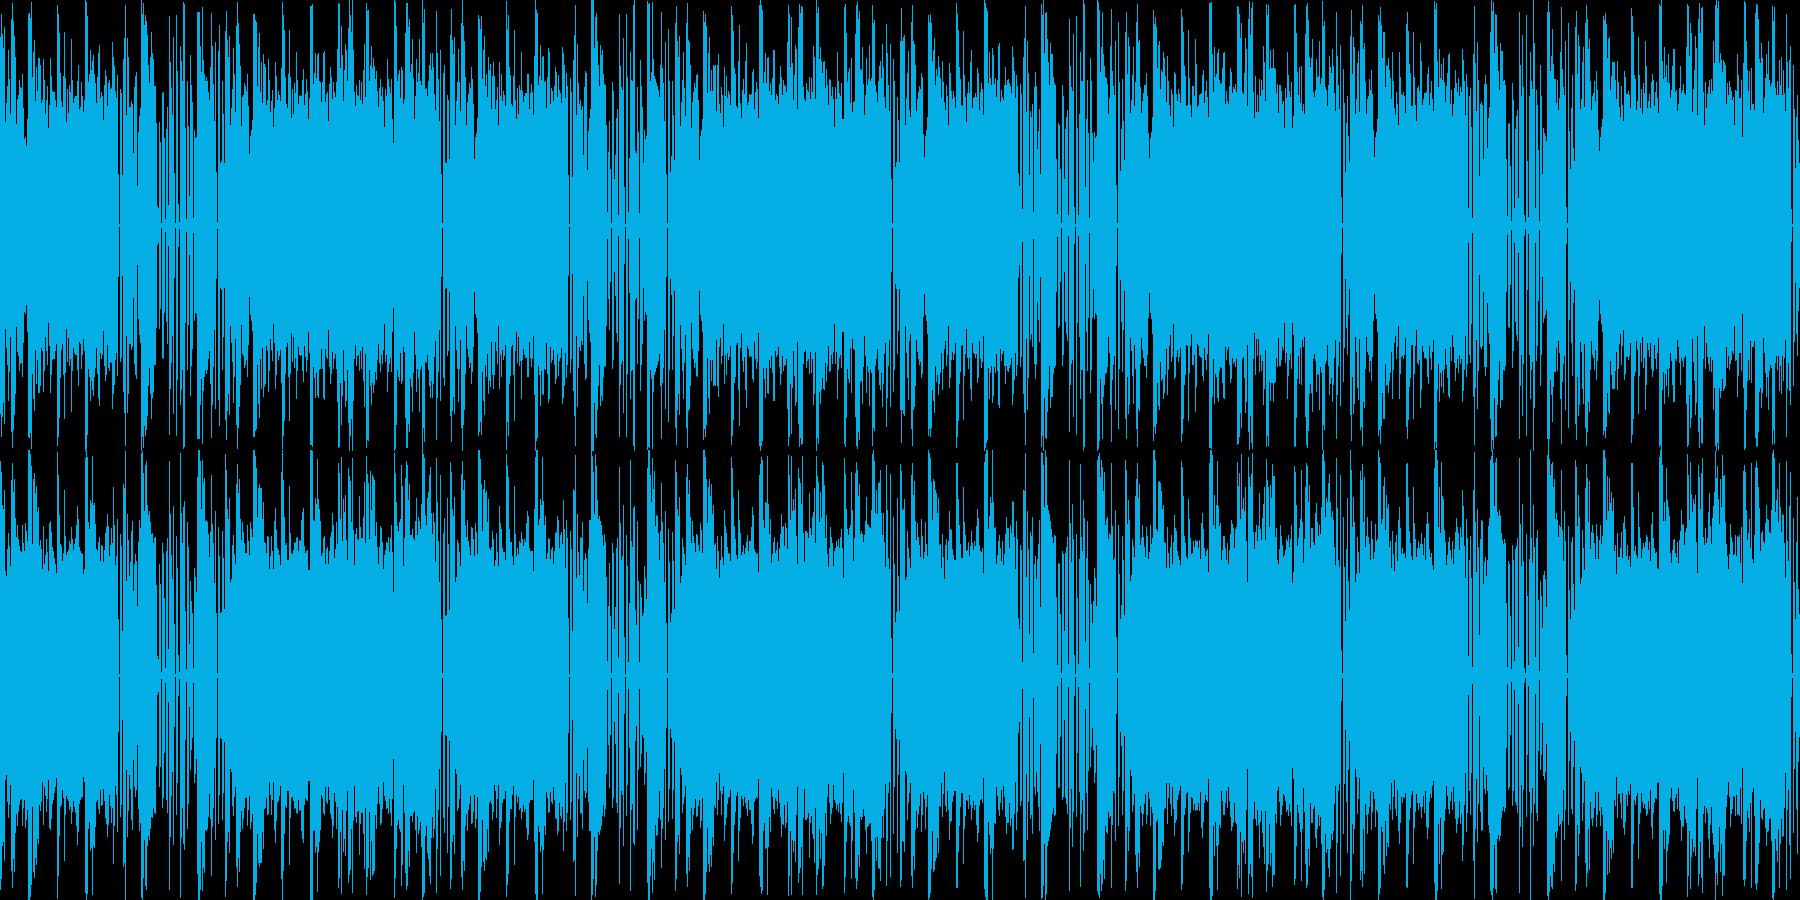 【ダンスイベントなどにぴったりBGM】の再生済みの波形